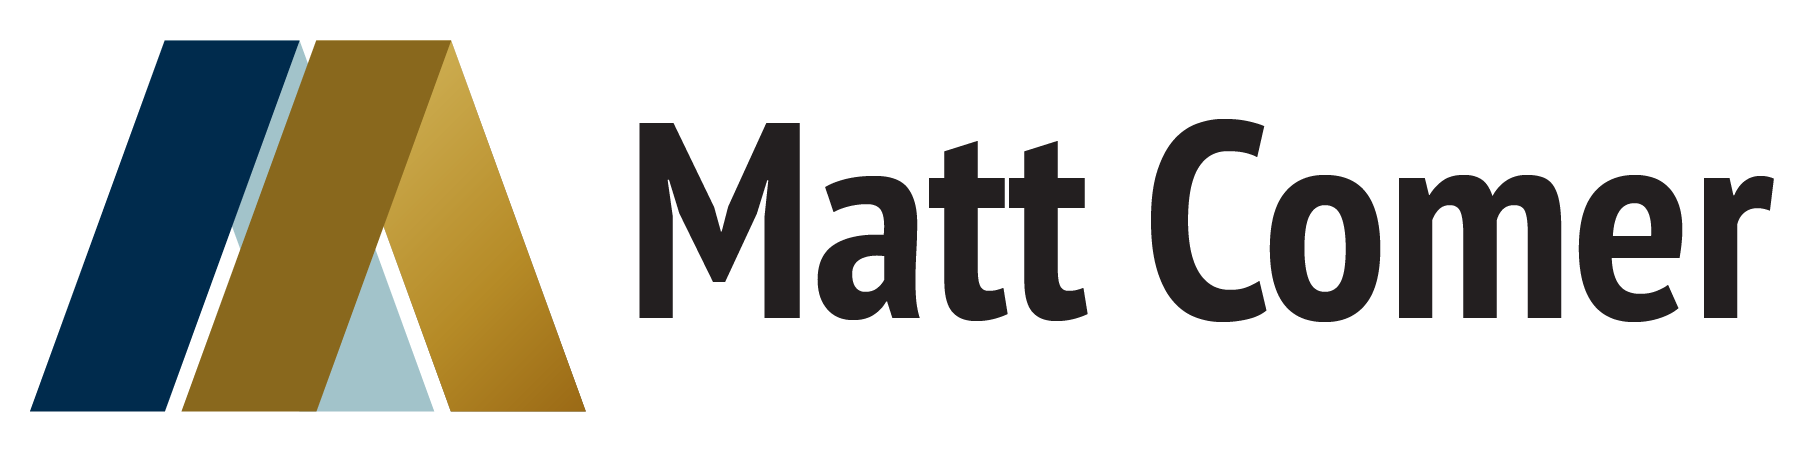 Matt Comer